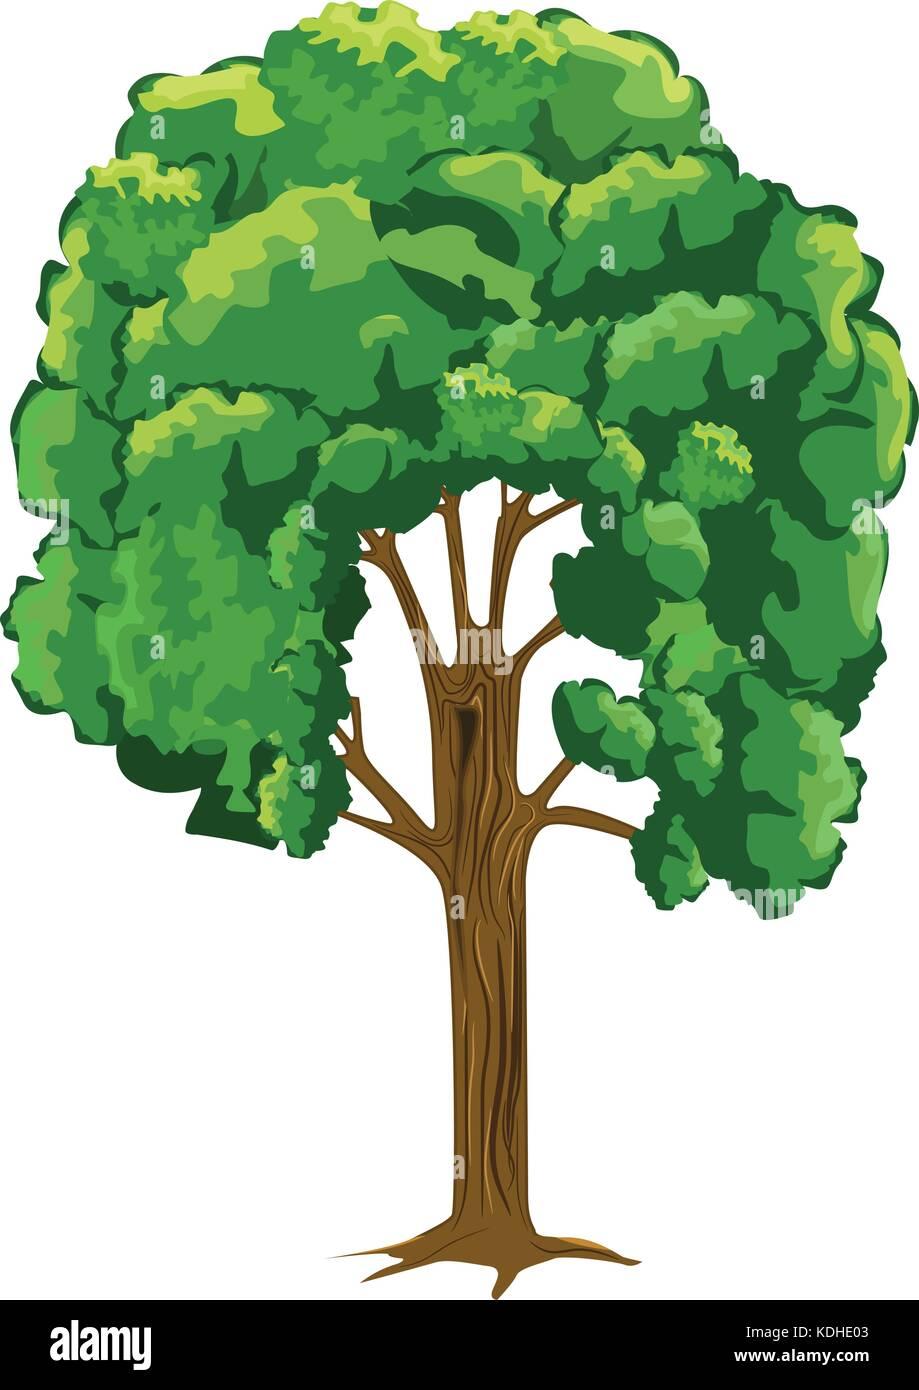 árbol Con Estilo De Dibujos Animados Pero Con Más Detalle Planas Y